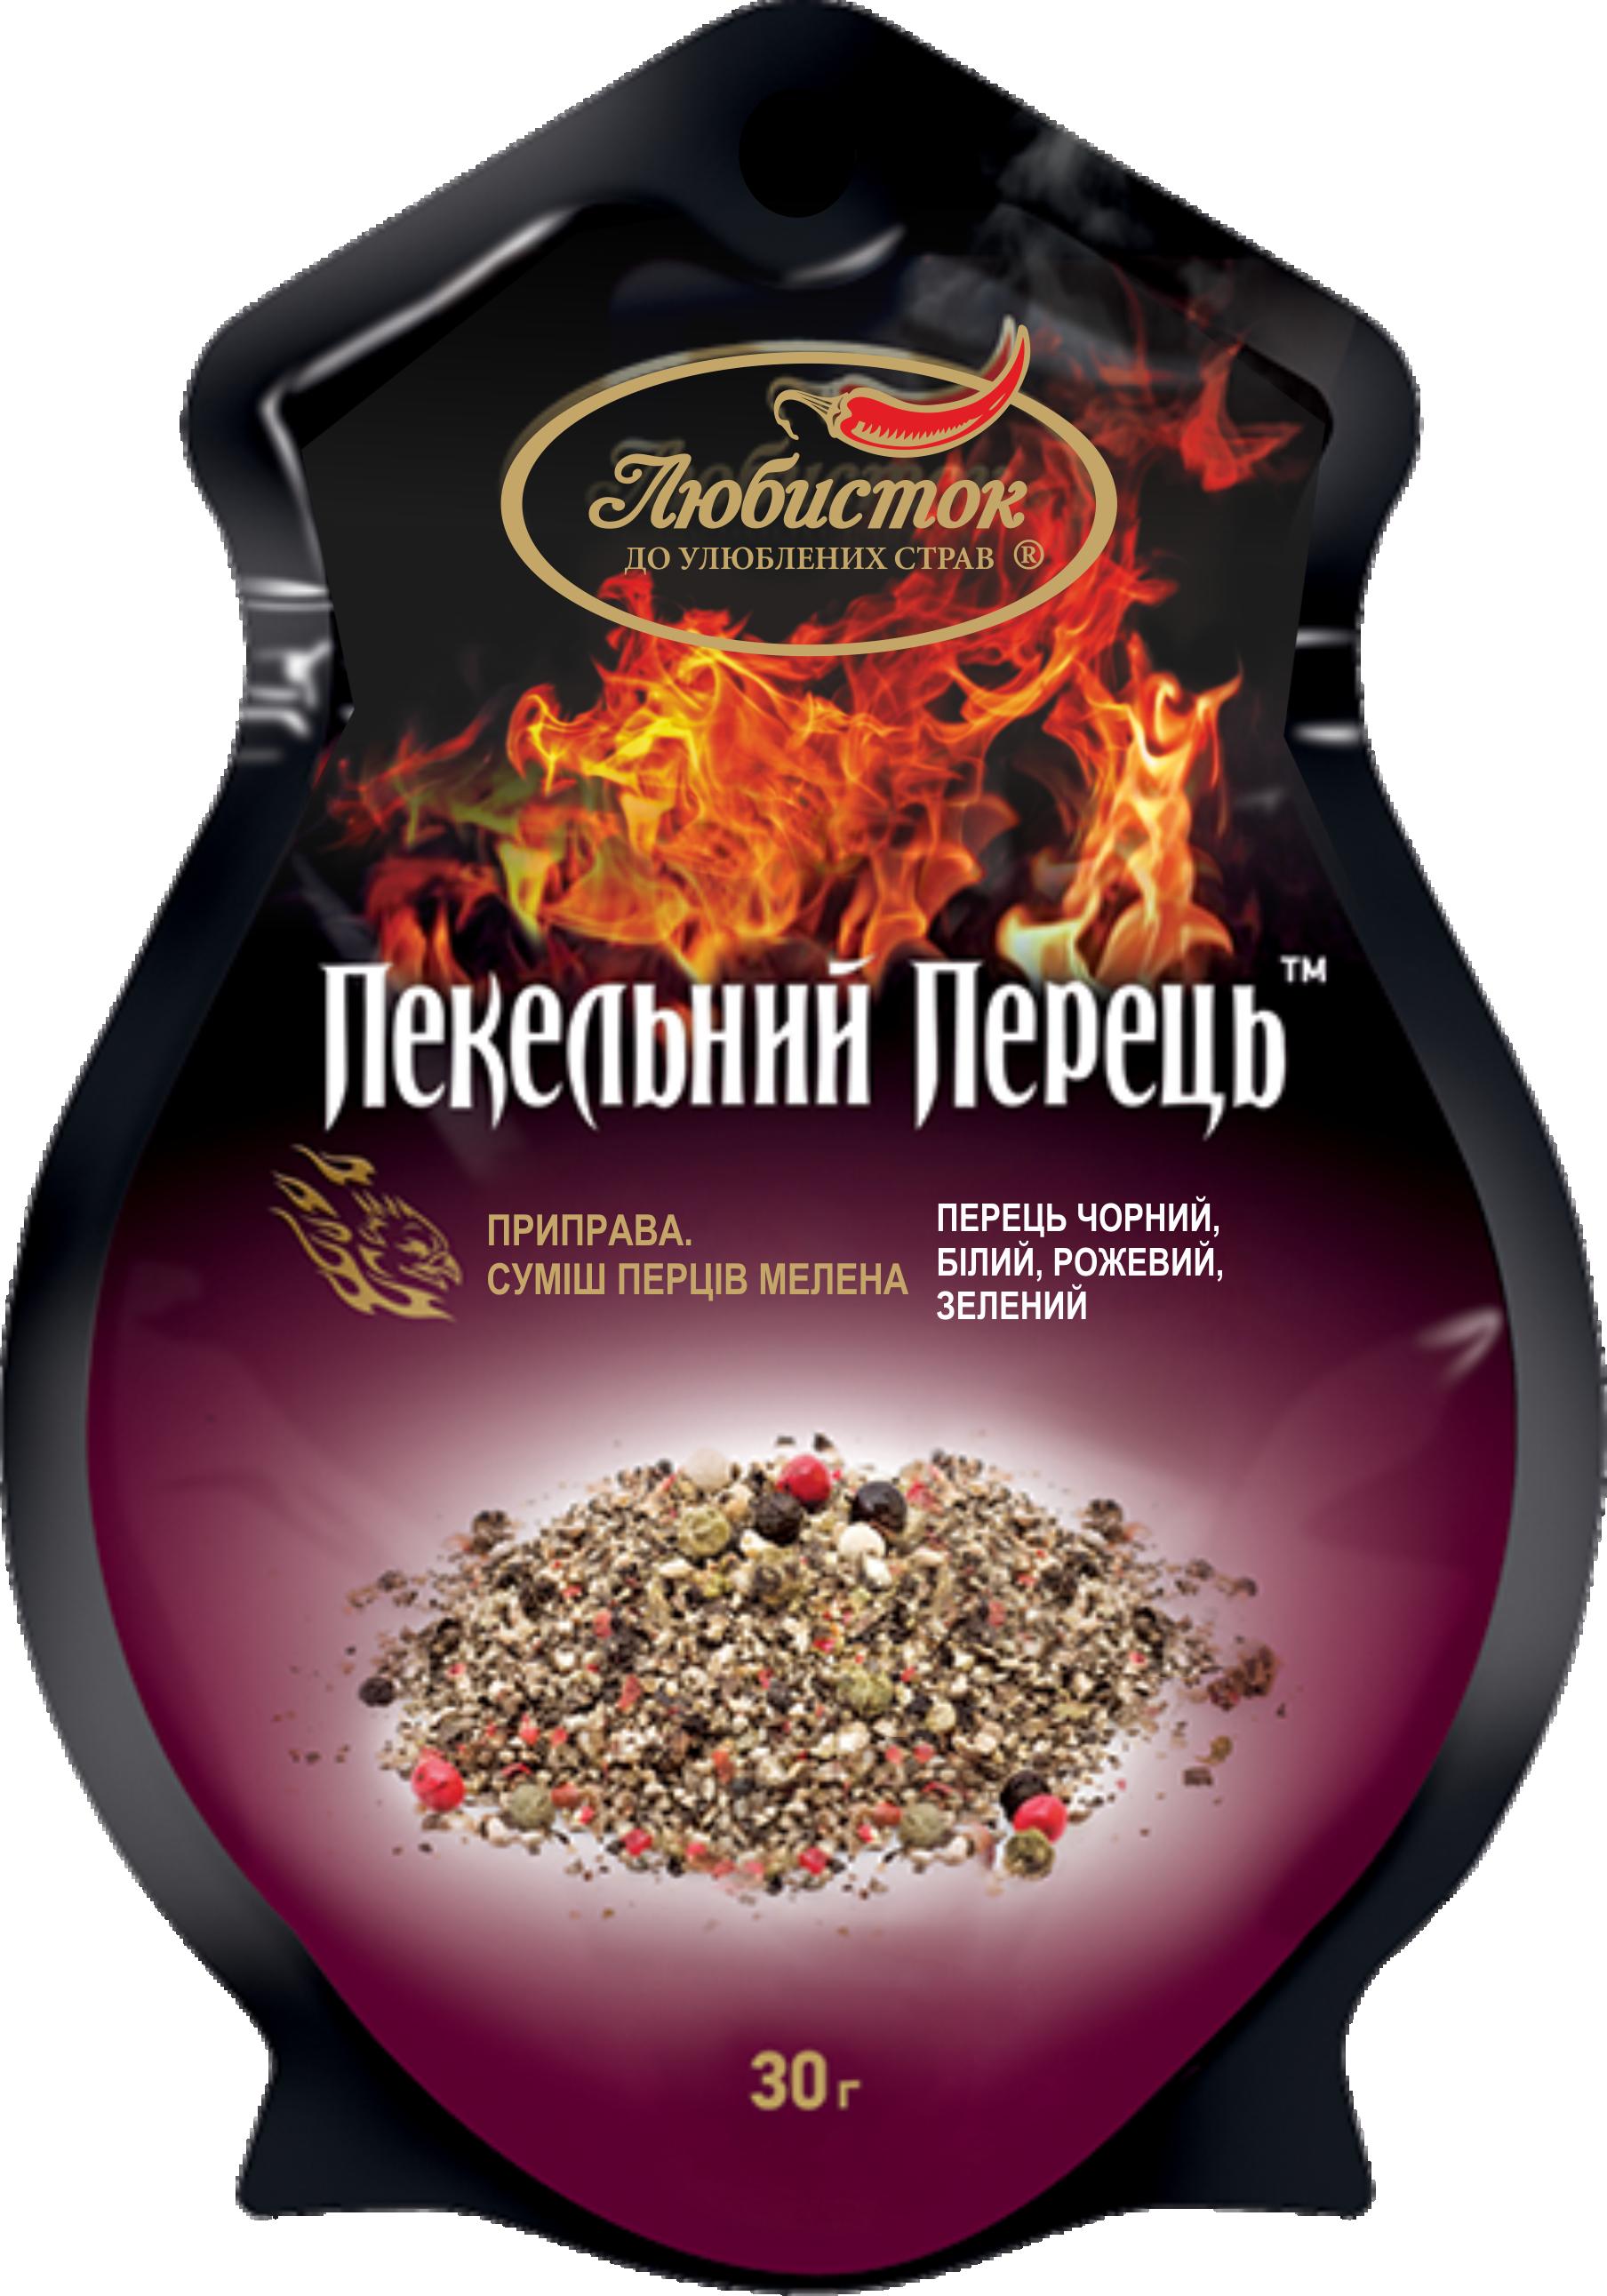 ТМ Любисток ᐉ лучшие сушеные специи приправы пряности для головної